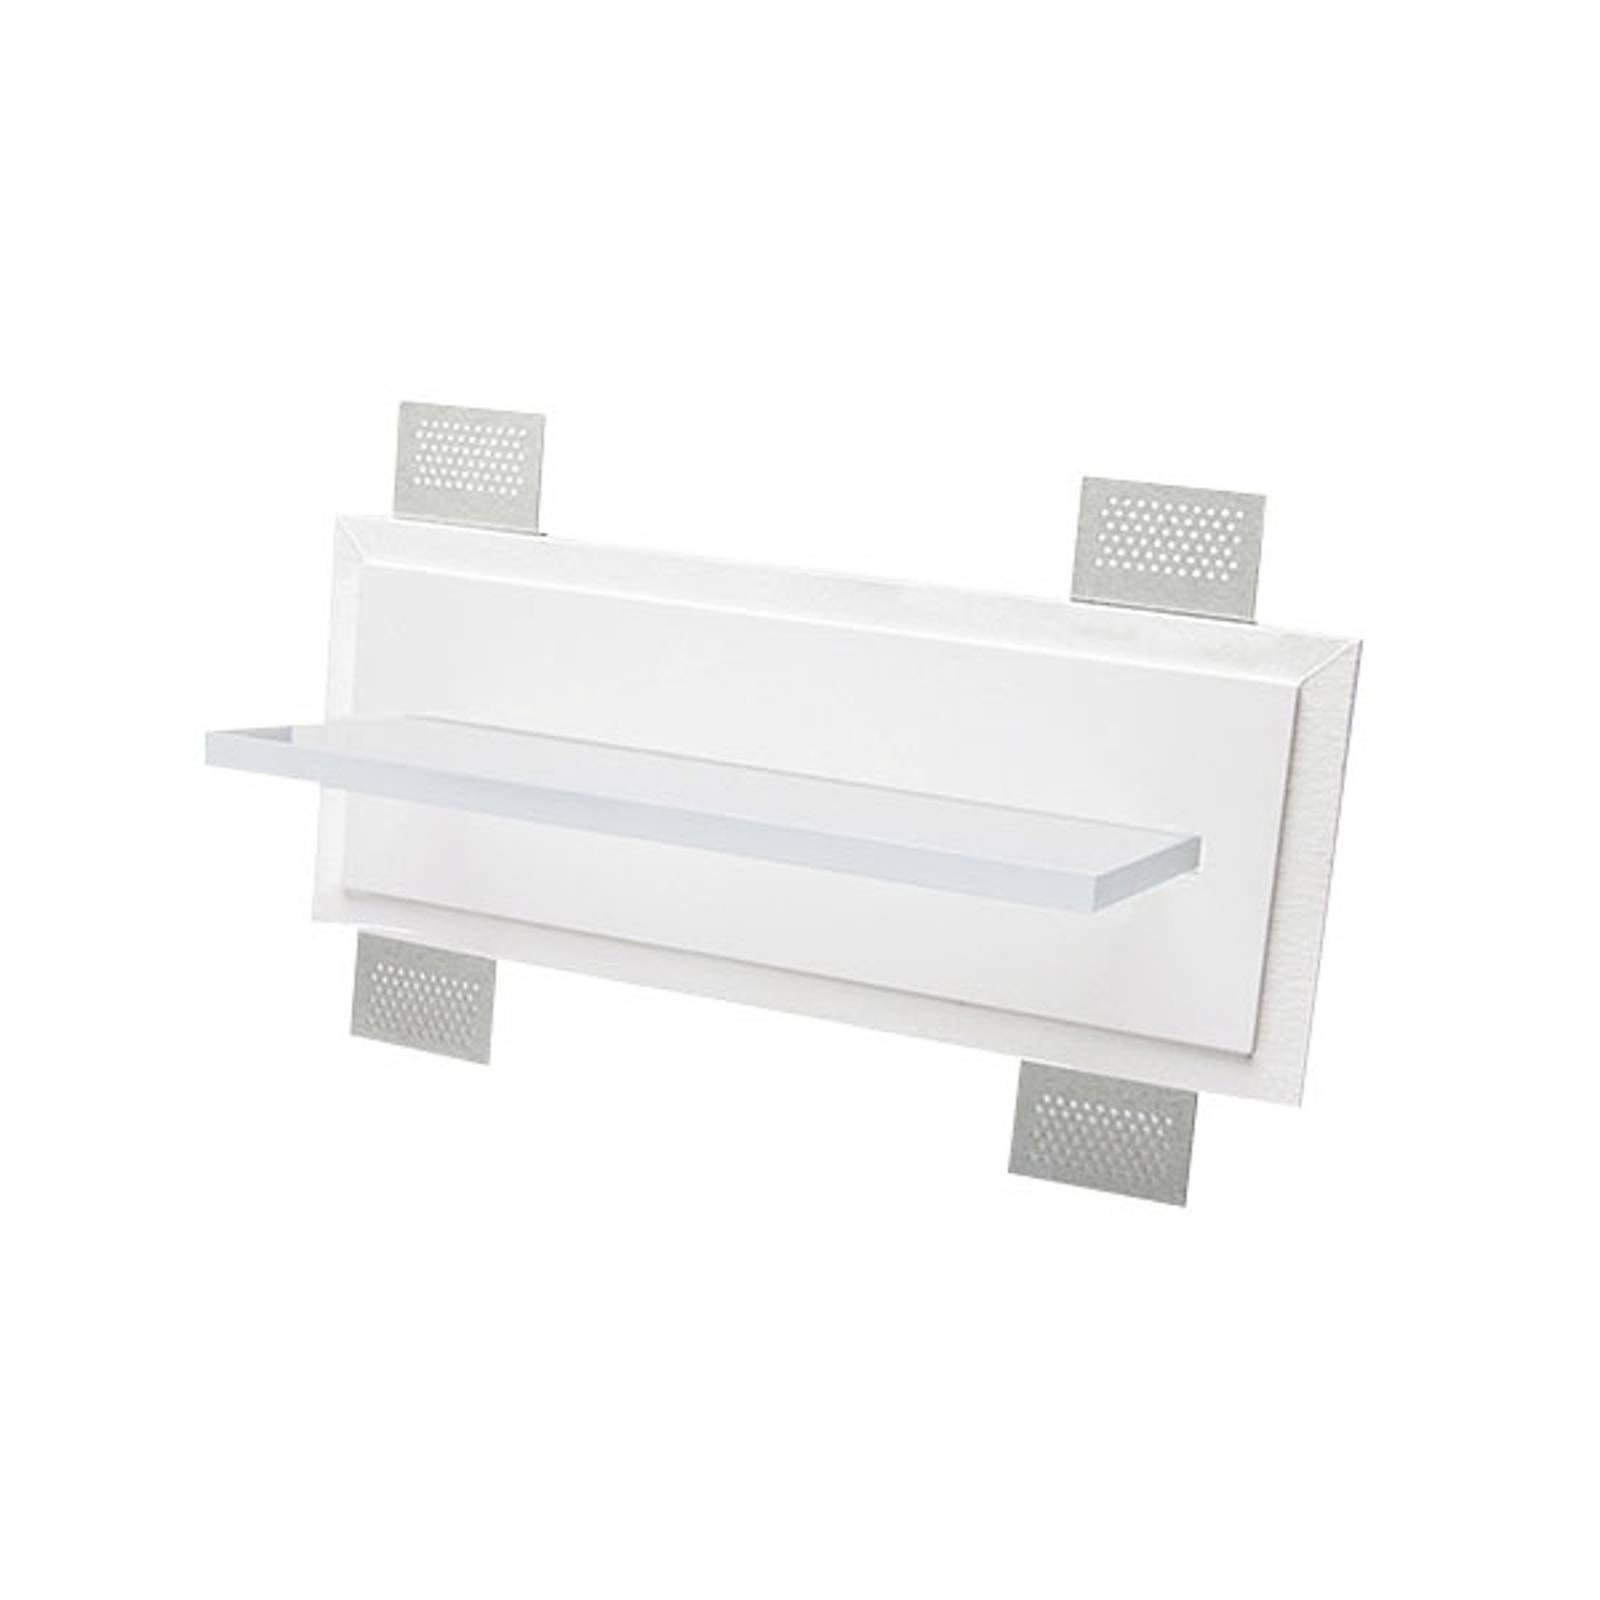 LED innfelt vegglampe 2484A, bredde 40 cm, 4 000 K